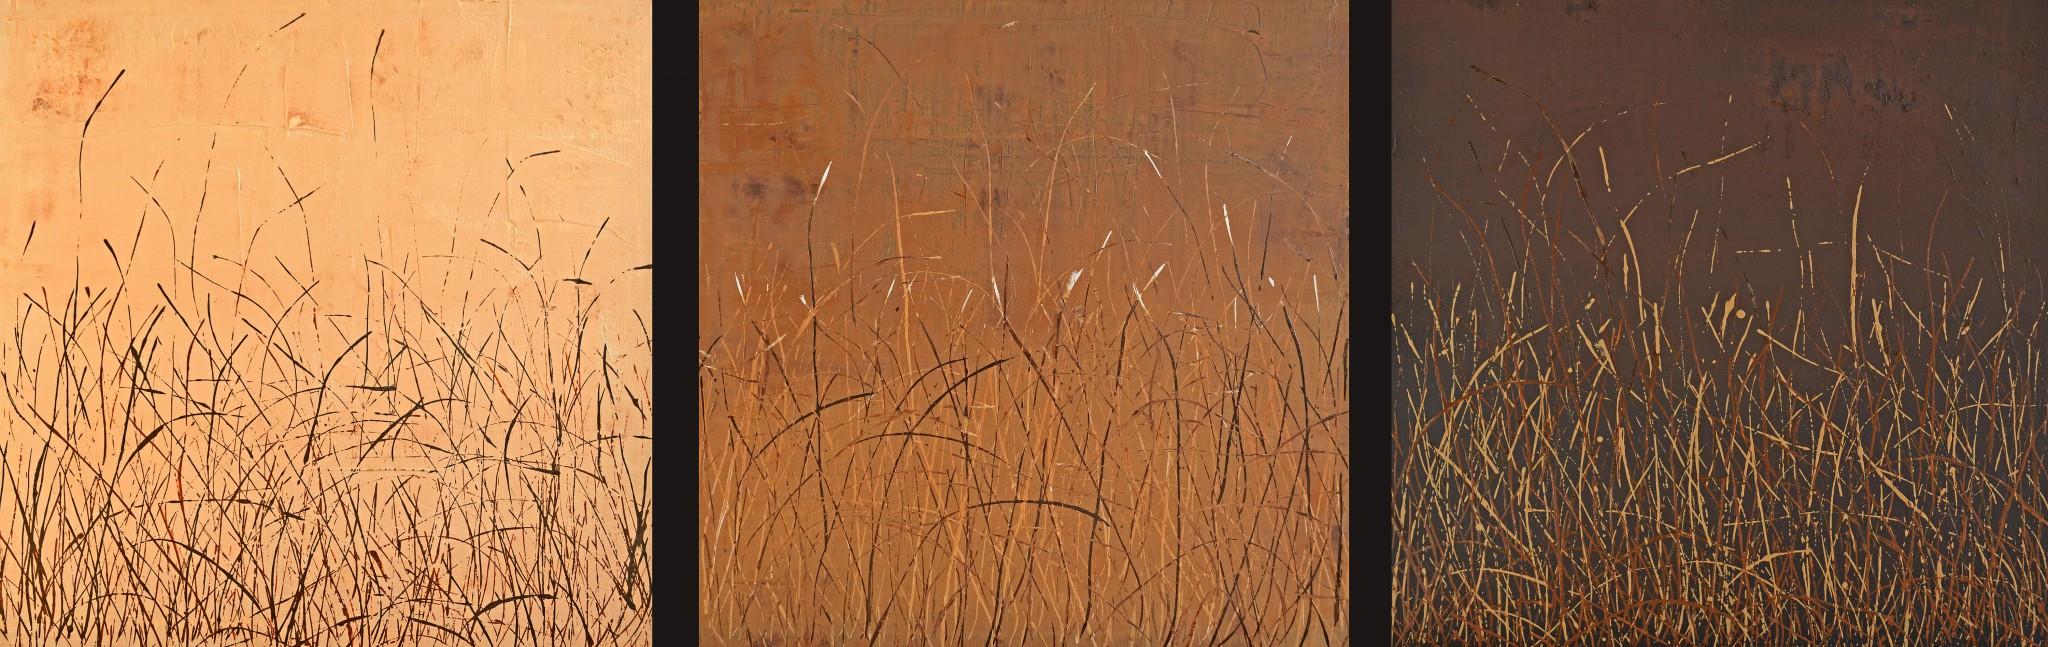 Öl/Lack/Strukturpaste/Leinwand, 50 x 50 cm